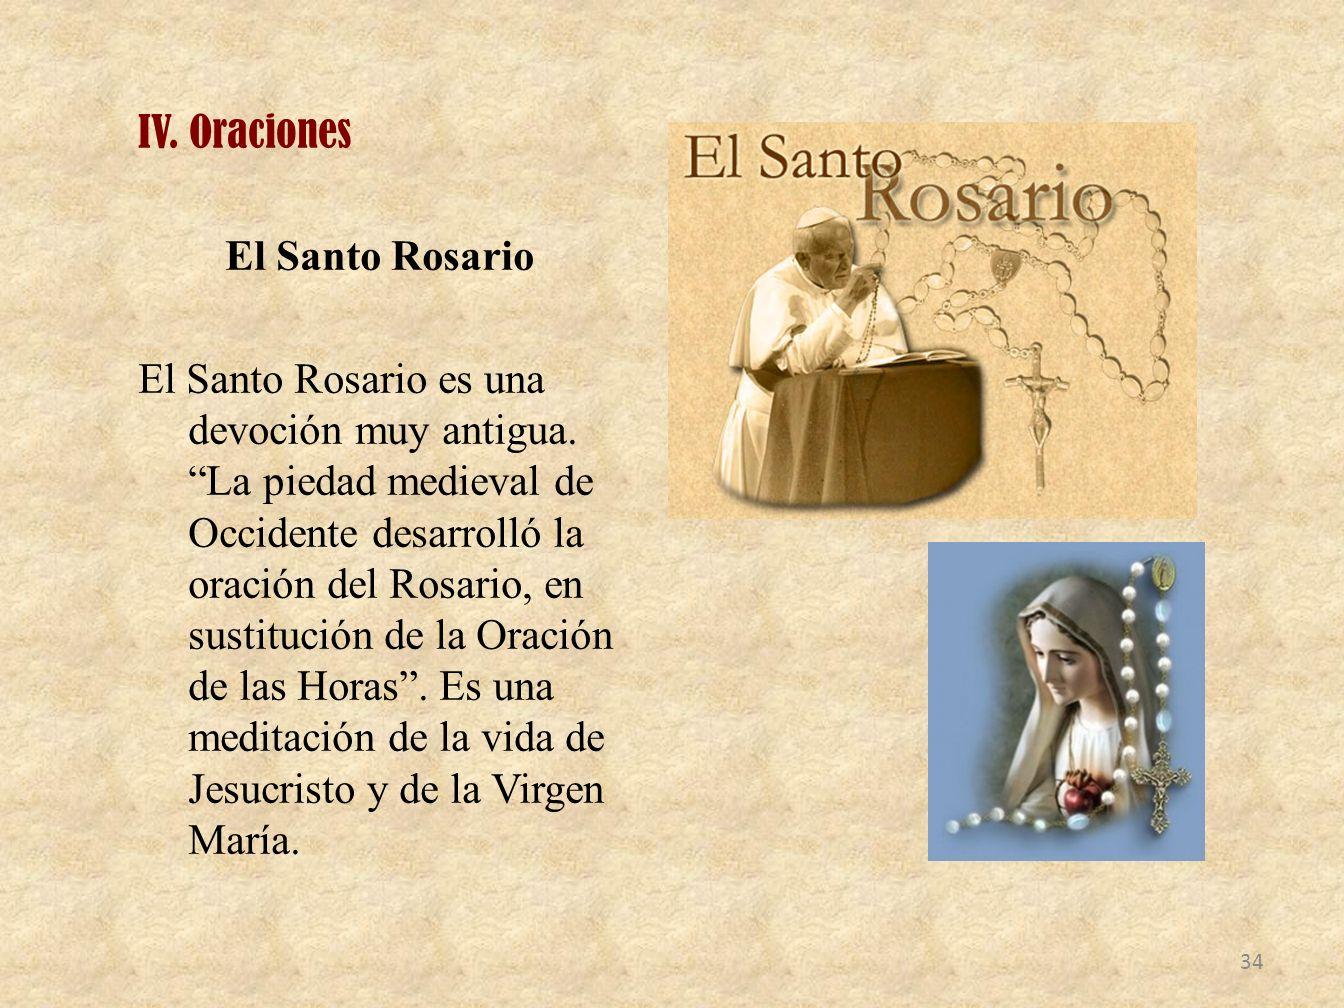 IV. Oraciones El Santo Rosario El Santo Rosario es una devoción muy antigua. La piedad medieval de Occidente desarrolló la oración del Rosario, en sus